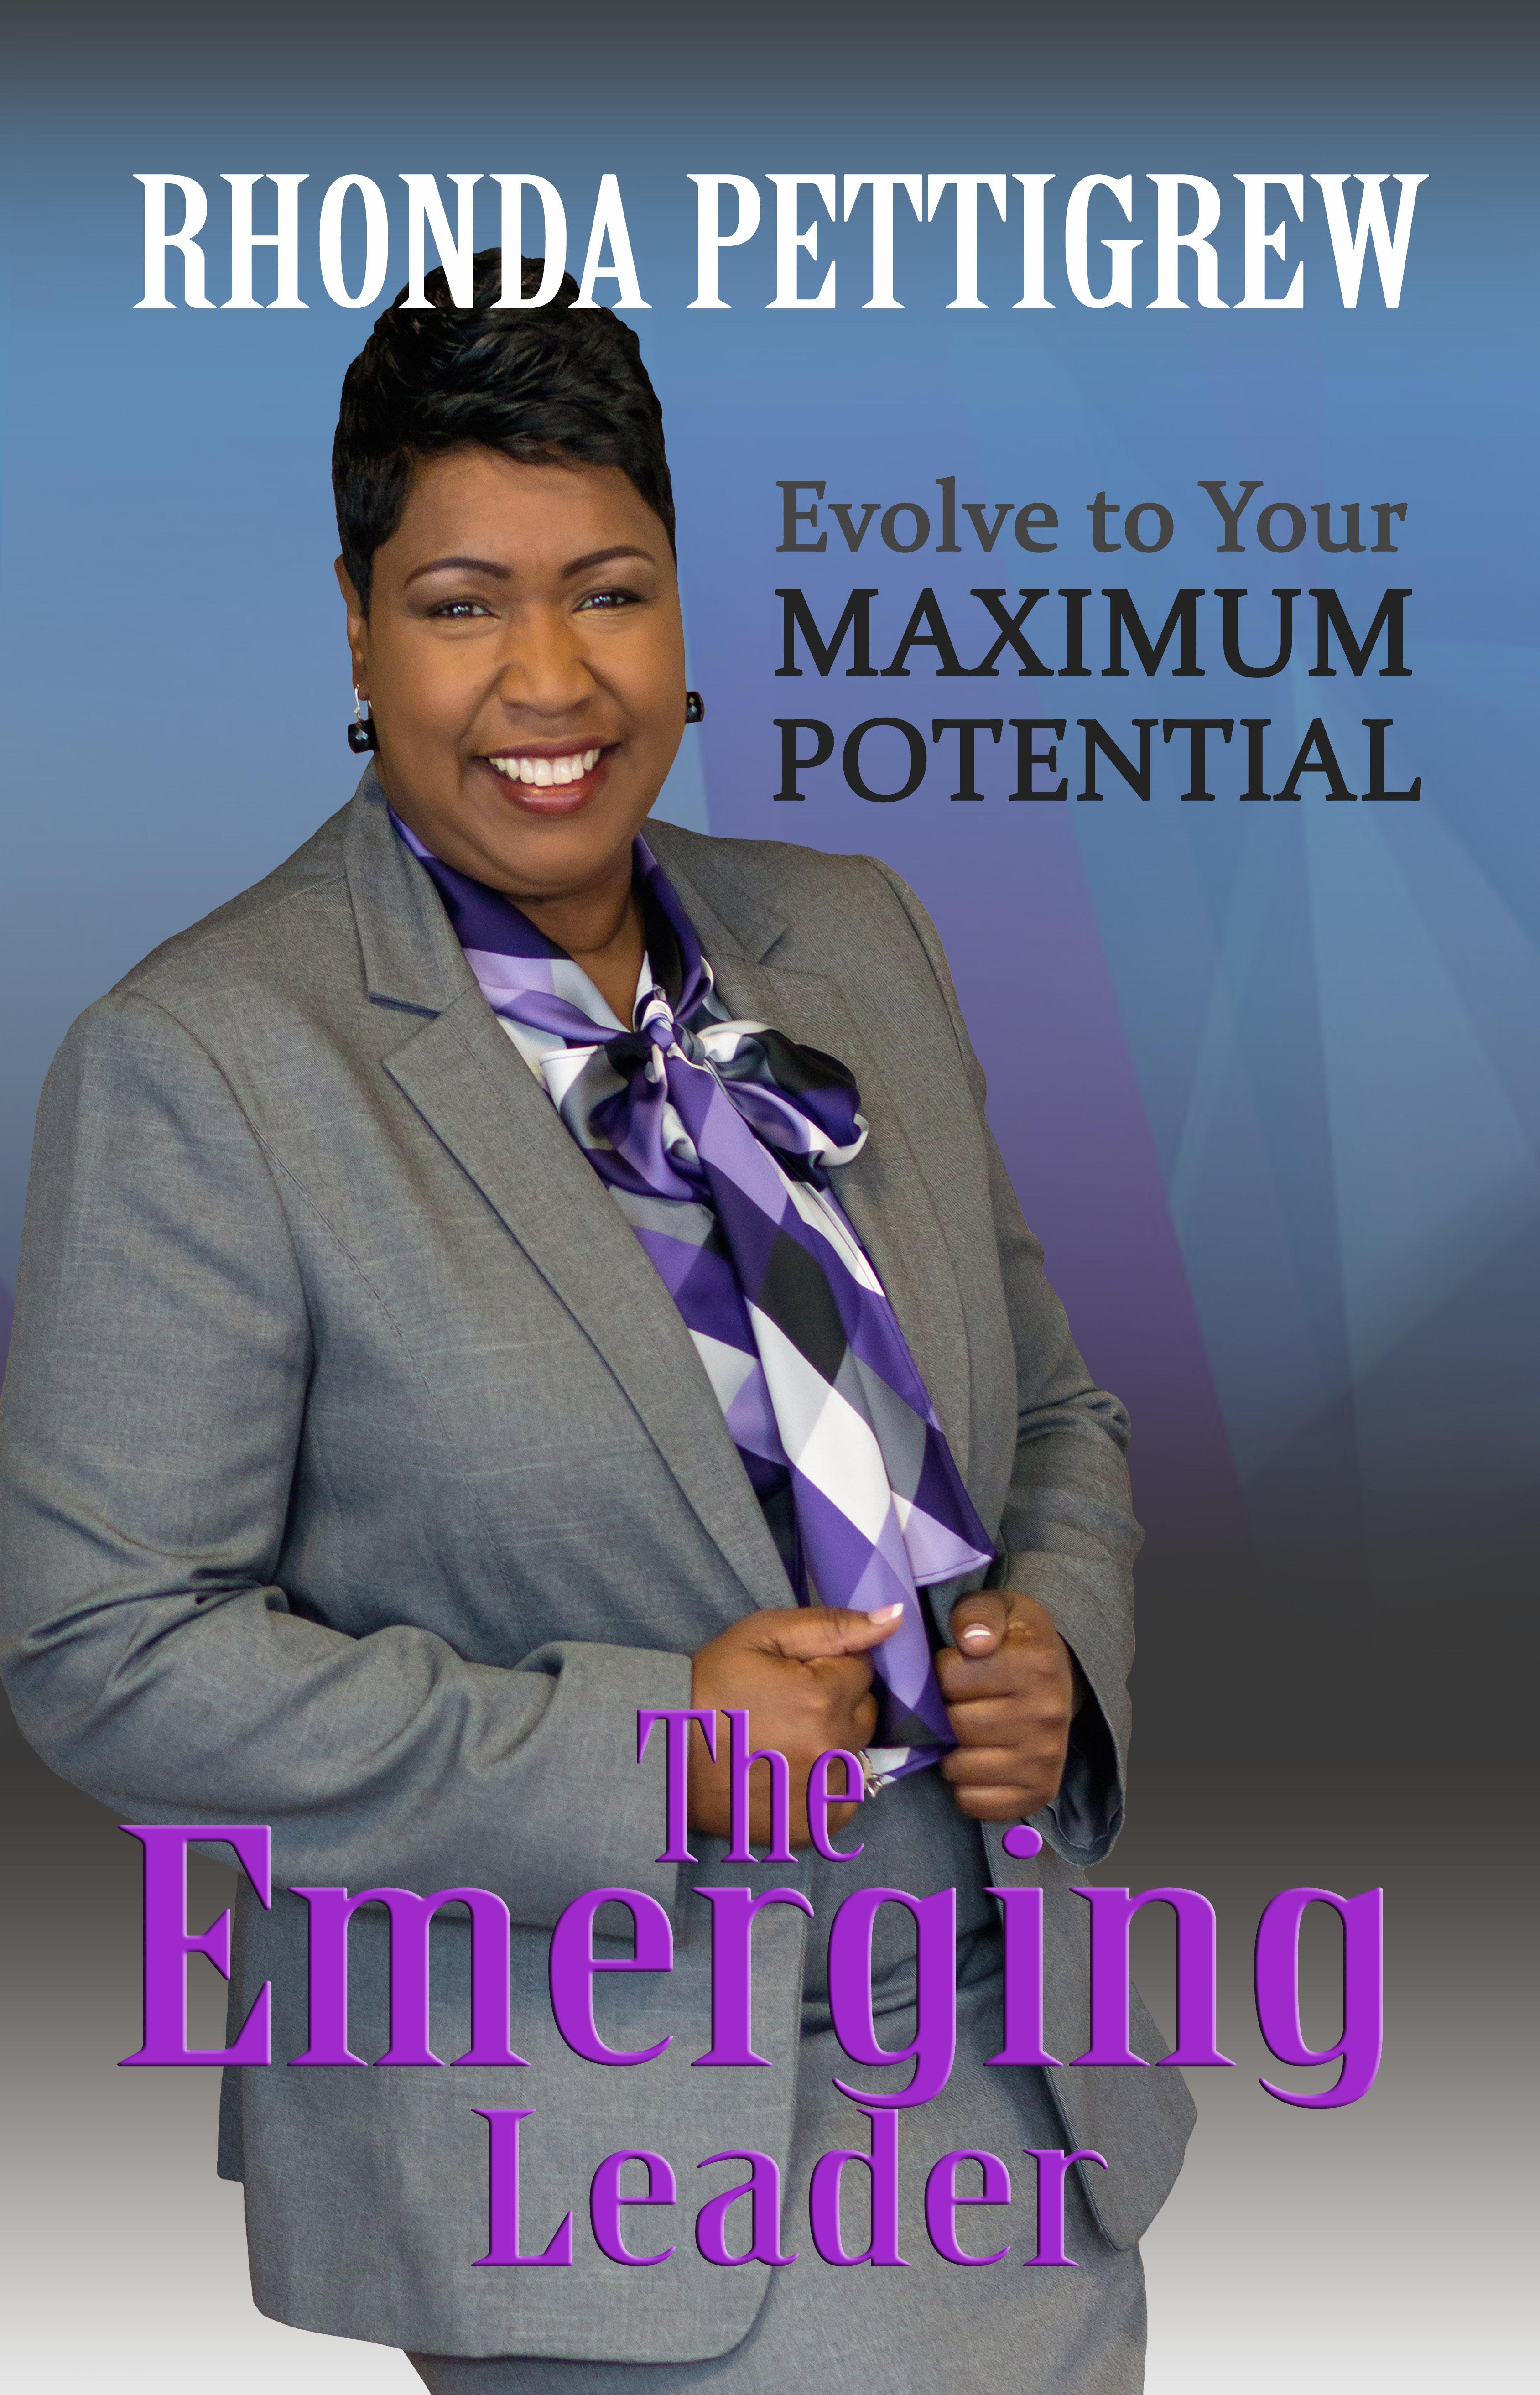 The Emerging Leader (Paperback) 00002